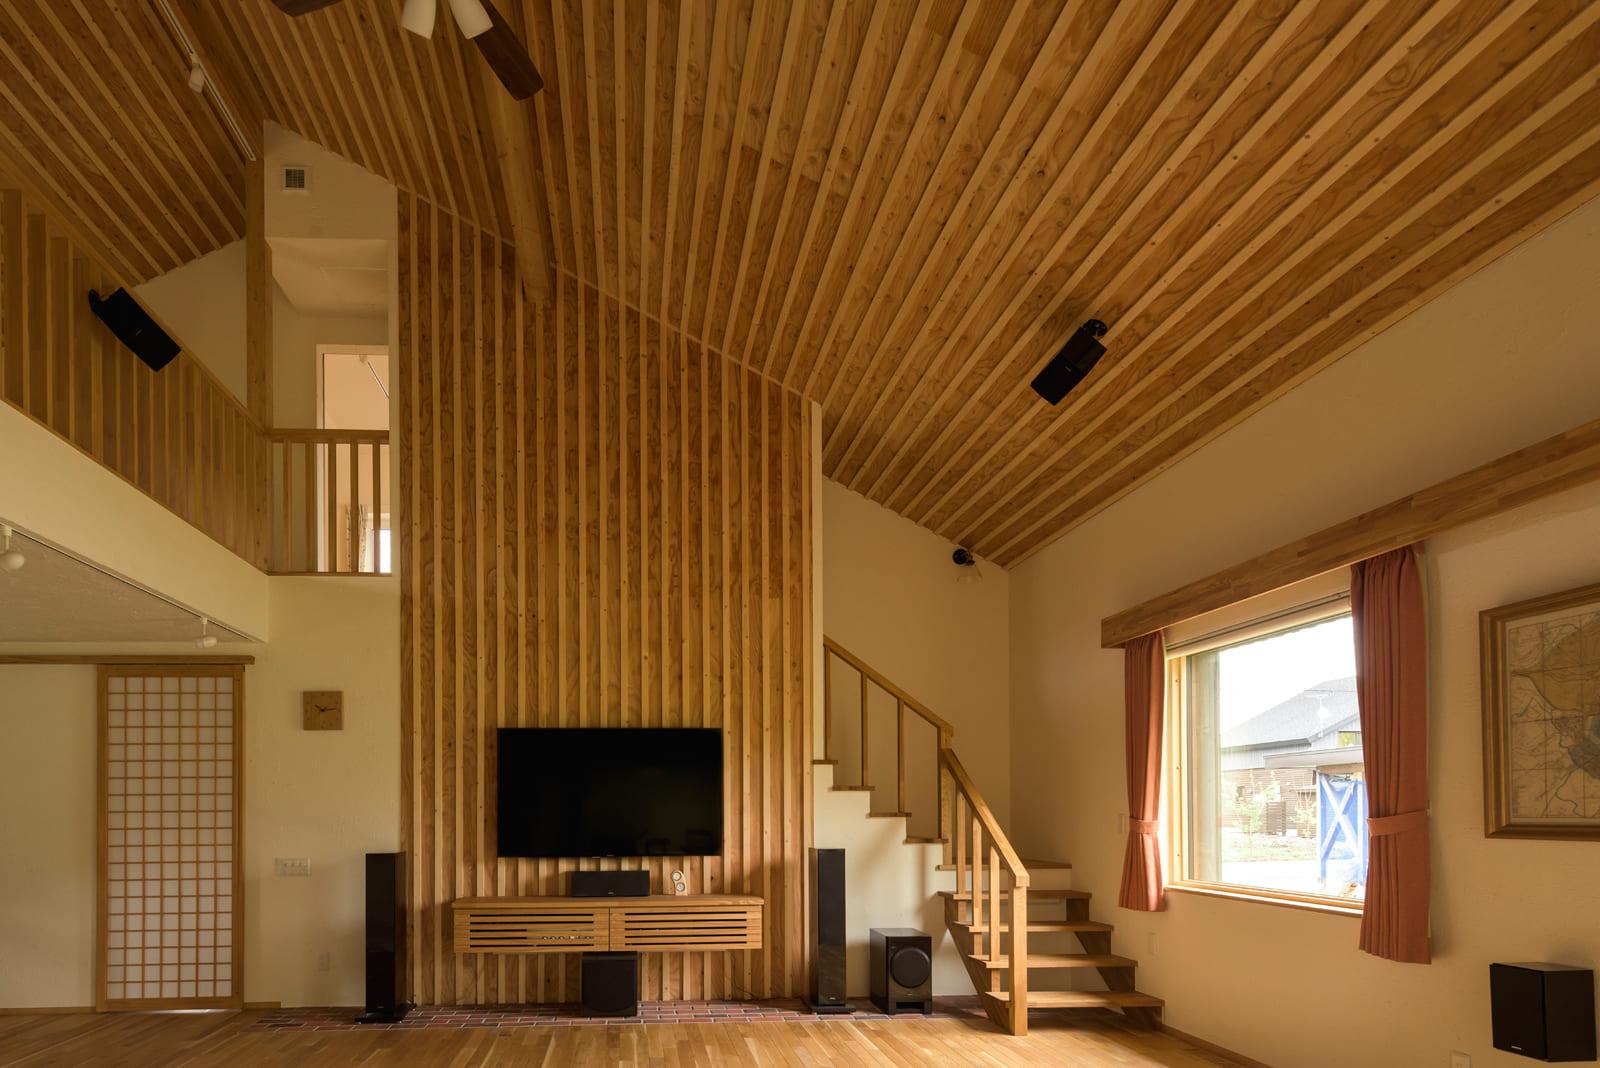 音の響きを考え、天井と壁の一部はリブ形状仕上げに。正面のステージは、ゴムマットの上に硬いレンガを敷き詰めた2層構造。硬いレンガはスピーカーの動きをスムーズにし、ゴムマットは余計な共鳴を抑える効果があるとのこと